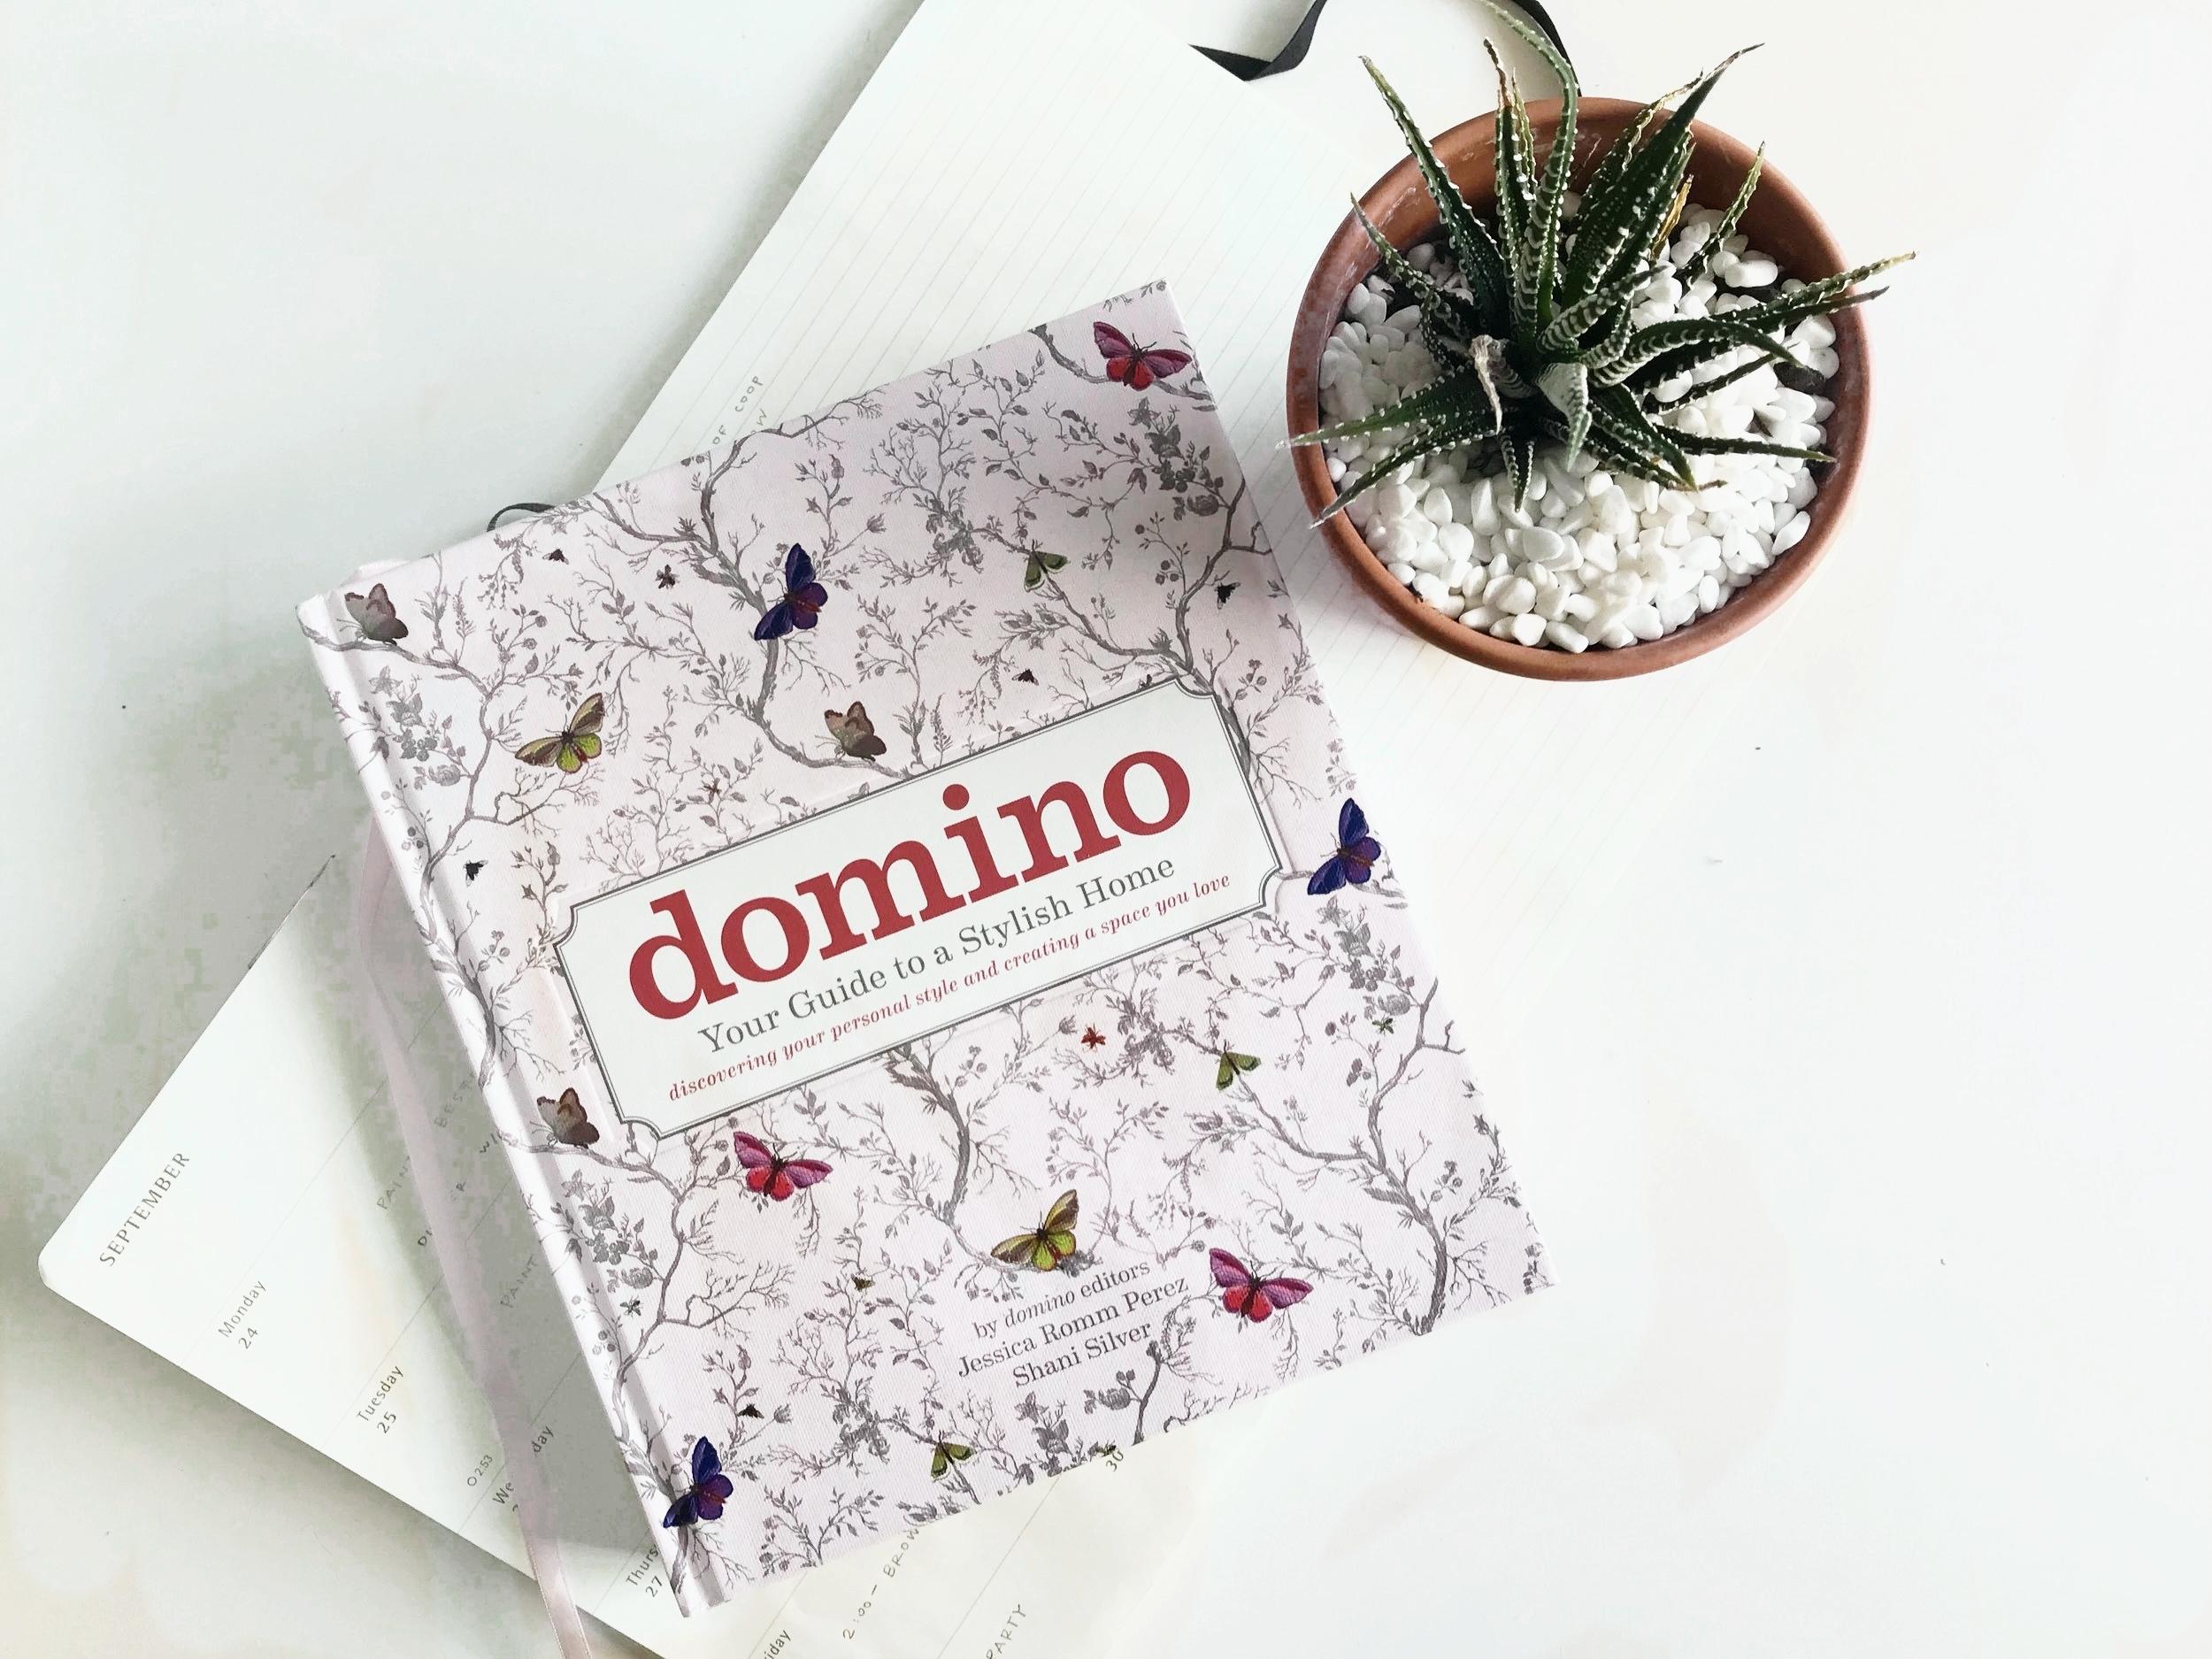 3 domino copy.jpg